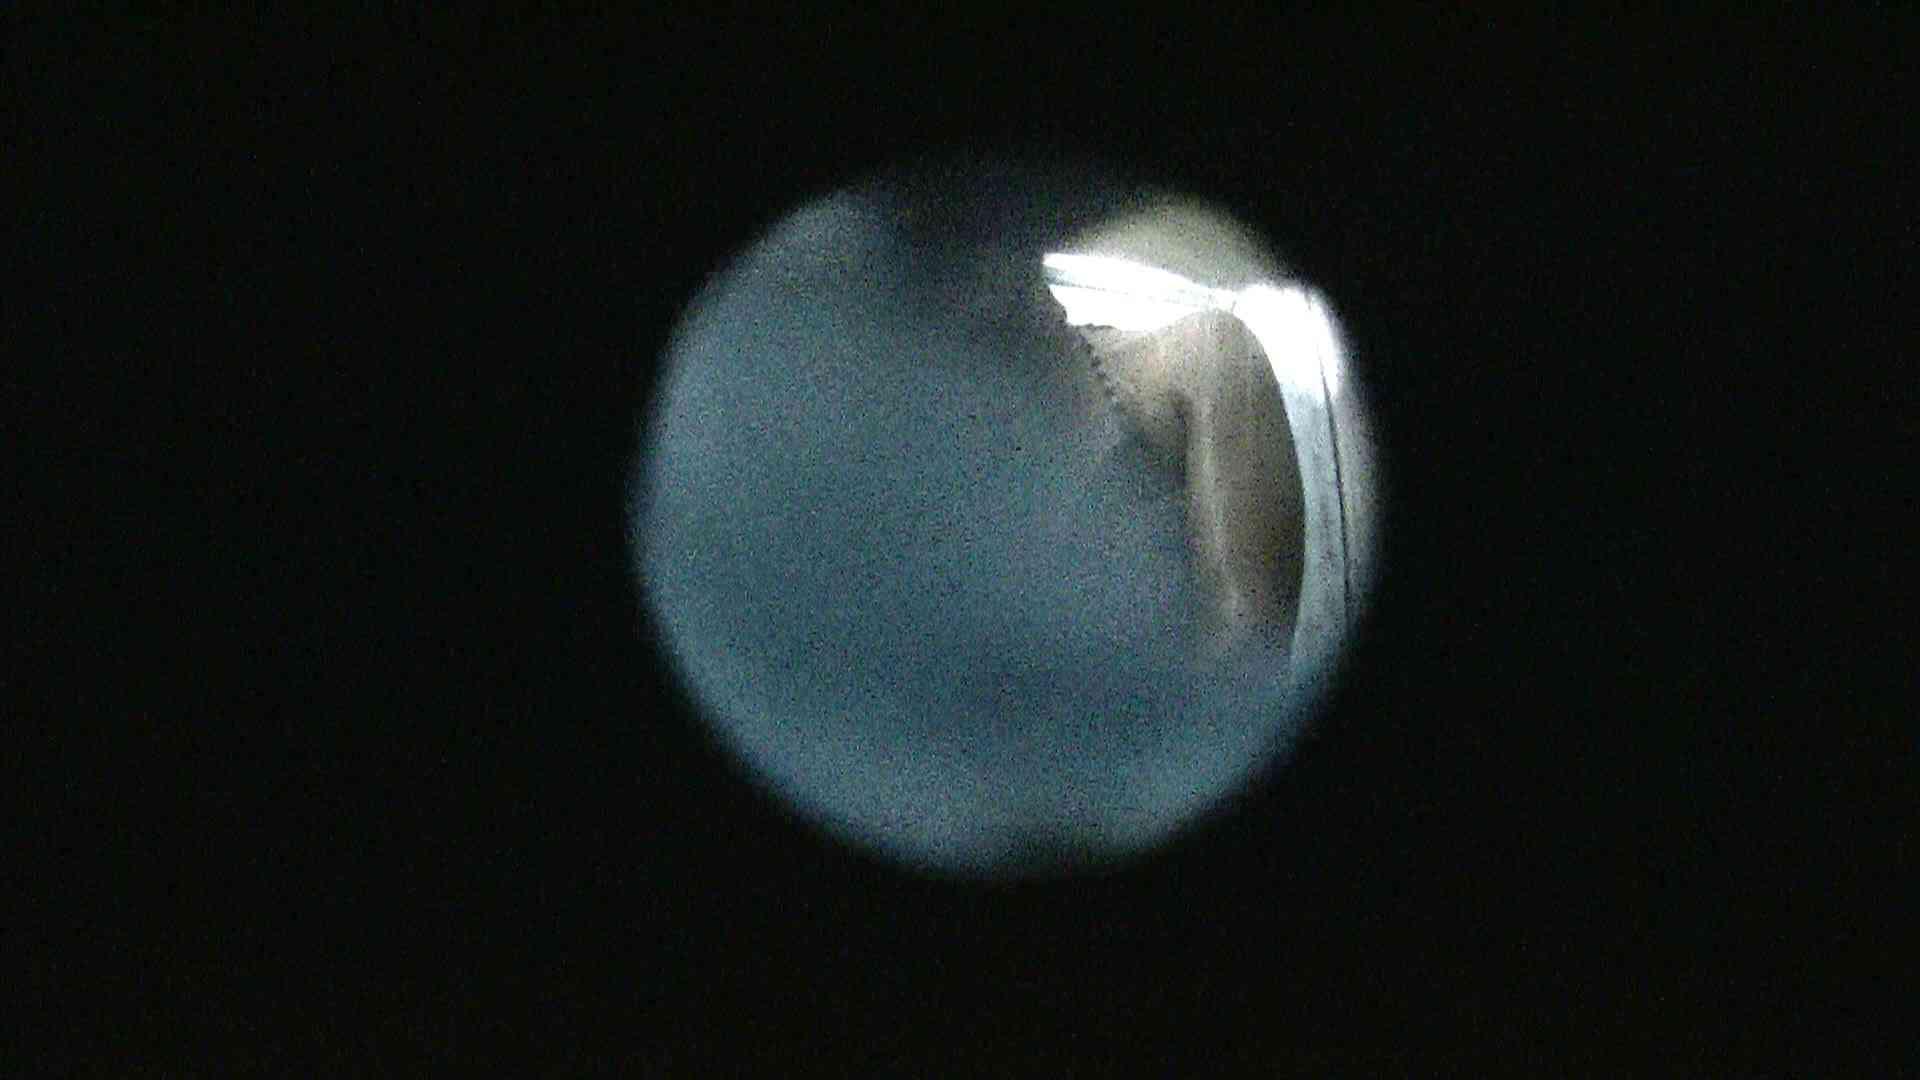 NO.13 暗いですが豪快な砂落としが好印象 シャワー室  89pic 19